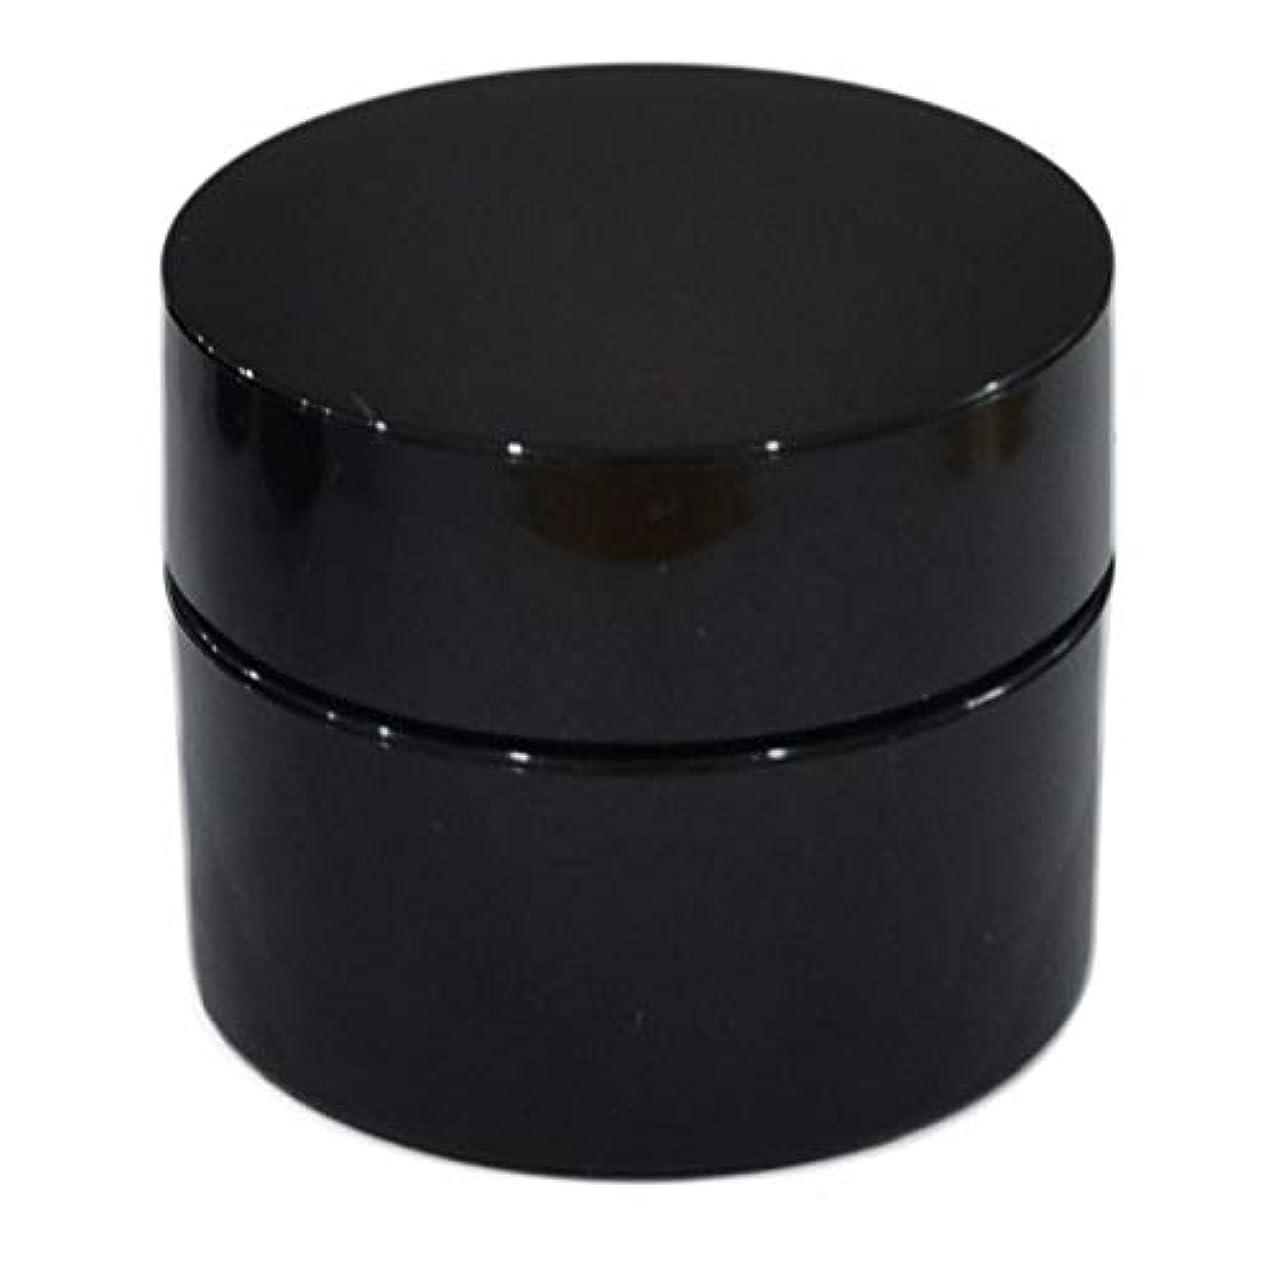 アーク離れてもっと純国産ネイルジェル用コンテナ 10g用GA10g 漏れ防止パッキン&ブラシプレート付容器 ジェルを無駄なく使える底面傾斜あり 遮光 黒 ブラック